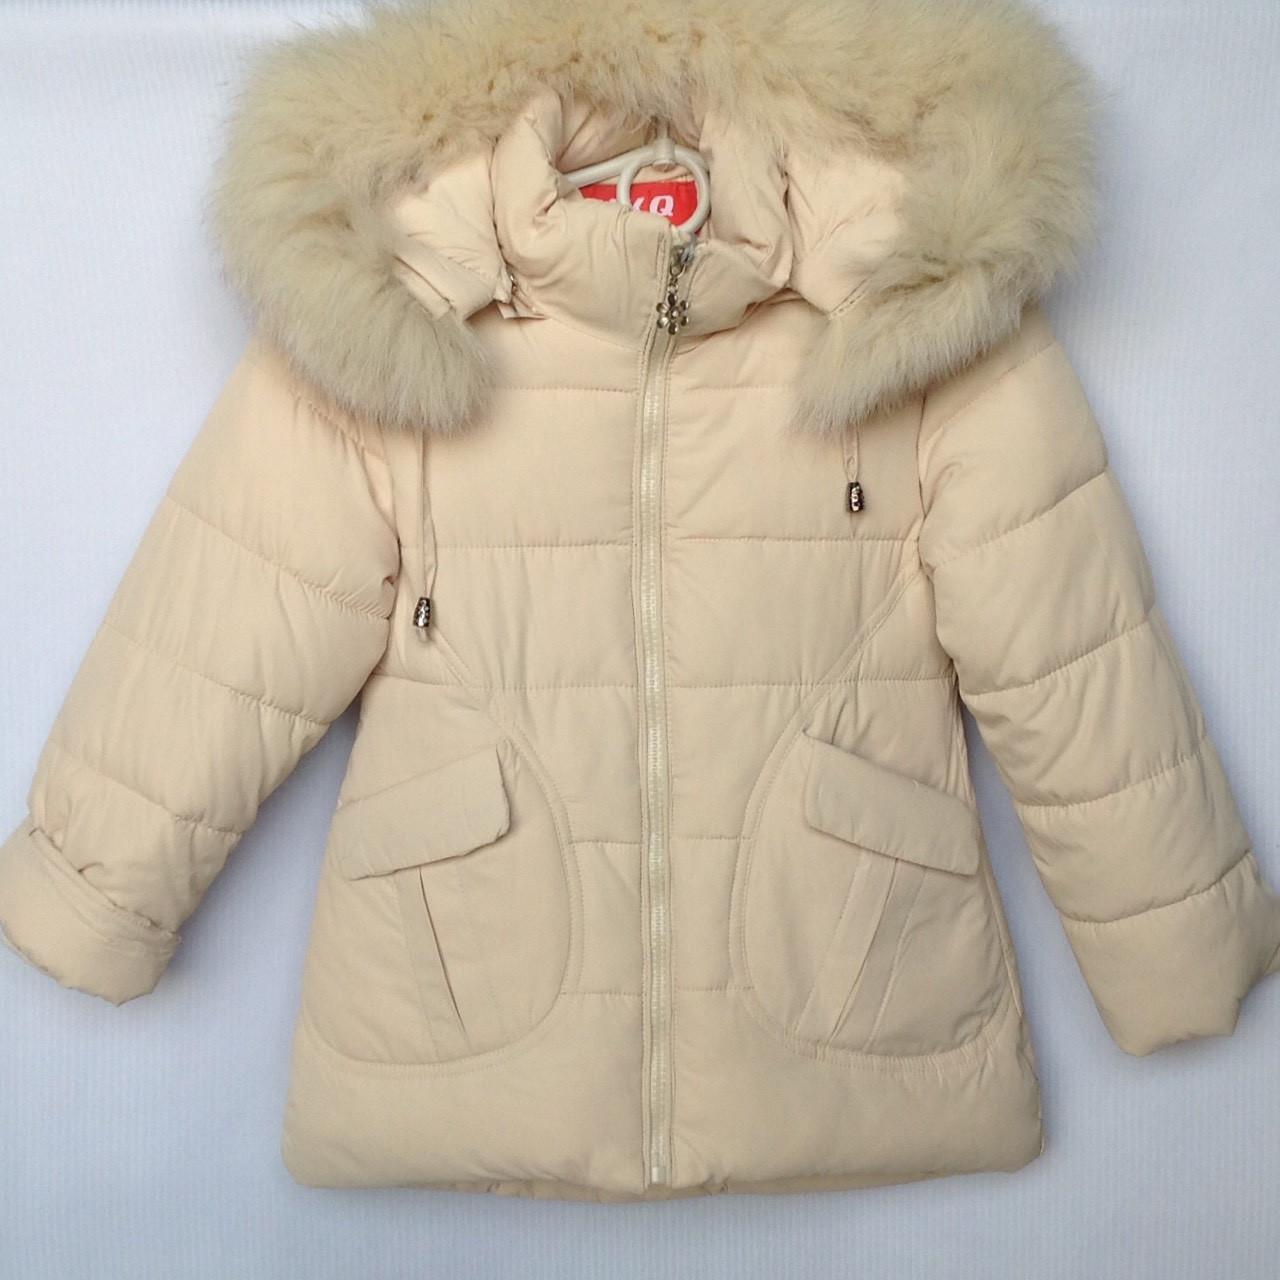 Куртка детская зимняя HAPPY #2081 для девочек. 98-116 см (3-6 лет). Молочная. Оптом.